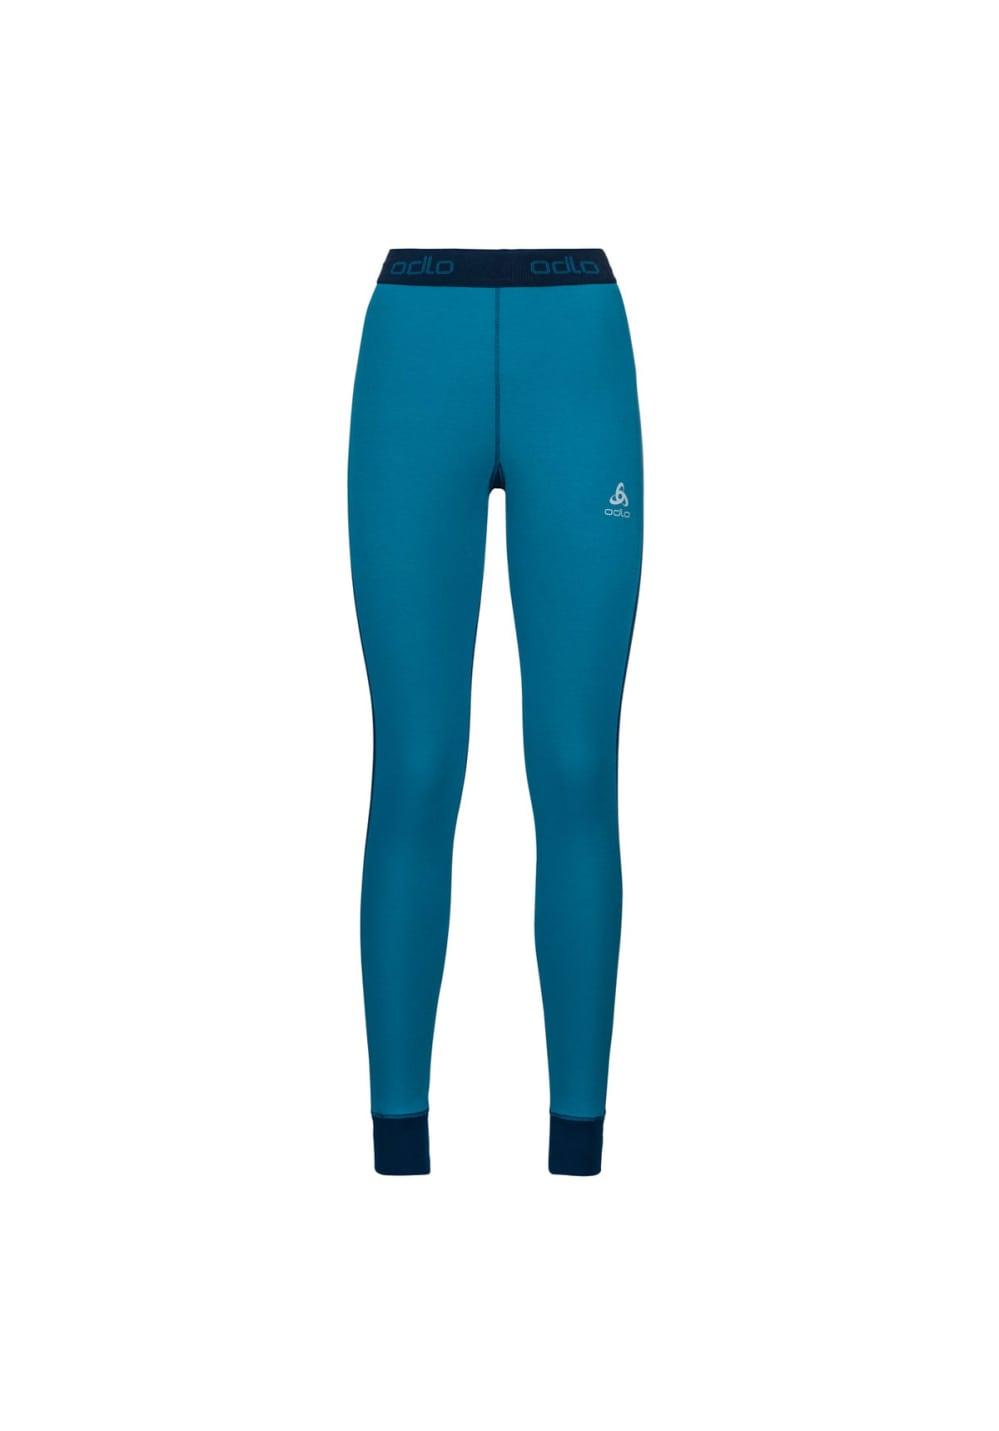 Sportmode für Frauen - Odlo Bottom Pant Active Revelstoke Warm Laufhosen für Damen Weiß  - Onlineshop 21Run